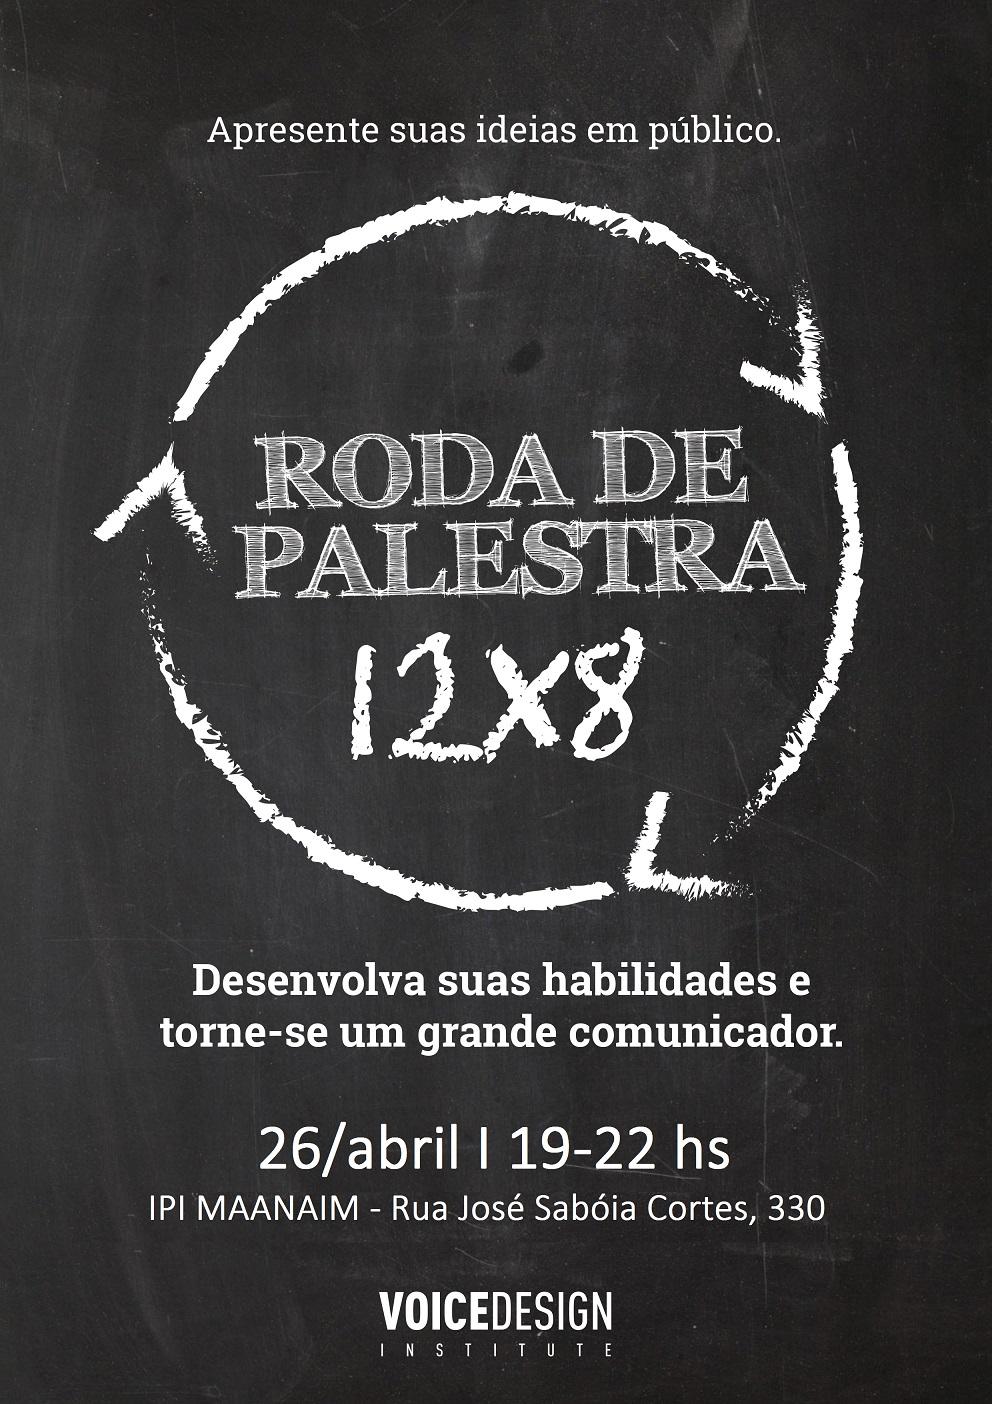 roda_de_palestra_26-4